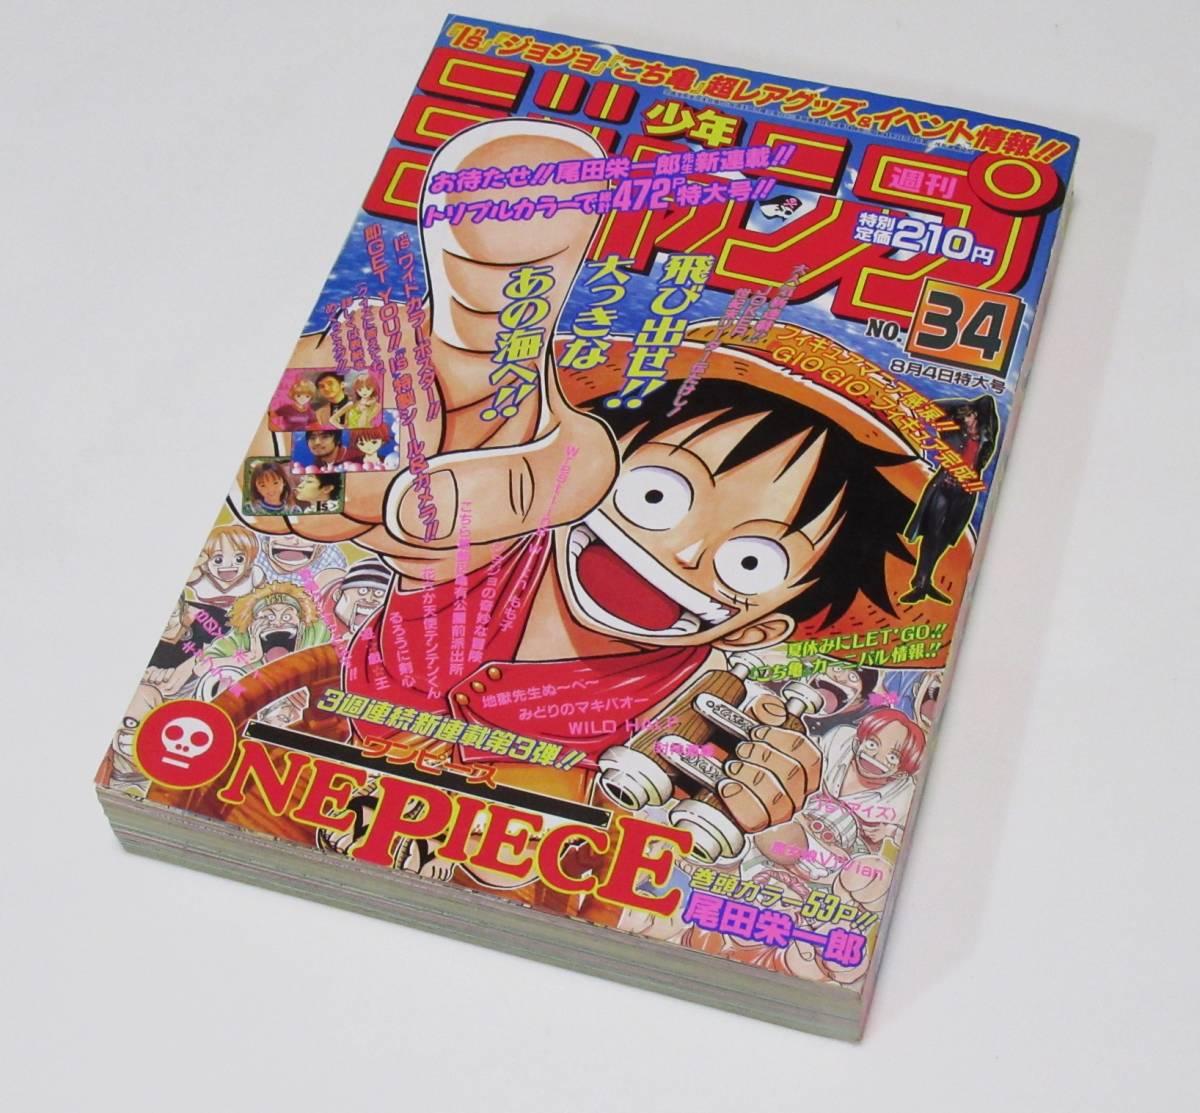 No.1249/ワンピース ONE PIECE 新連載号 初号 週刊少年ジャンプ 1997年6月4日 34号 尾田栄一郎 当時物 オリジナル ジョジョの奇妙な冒険